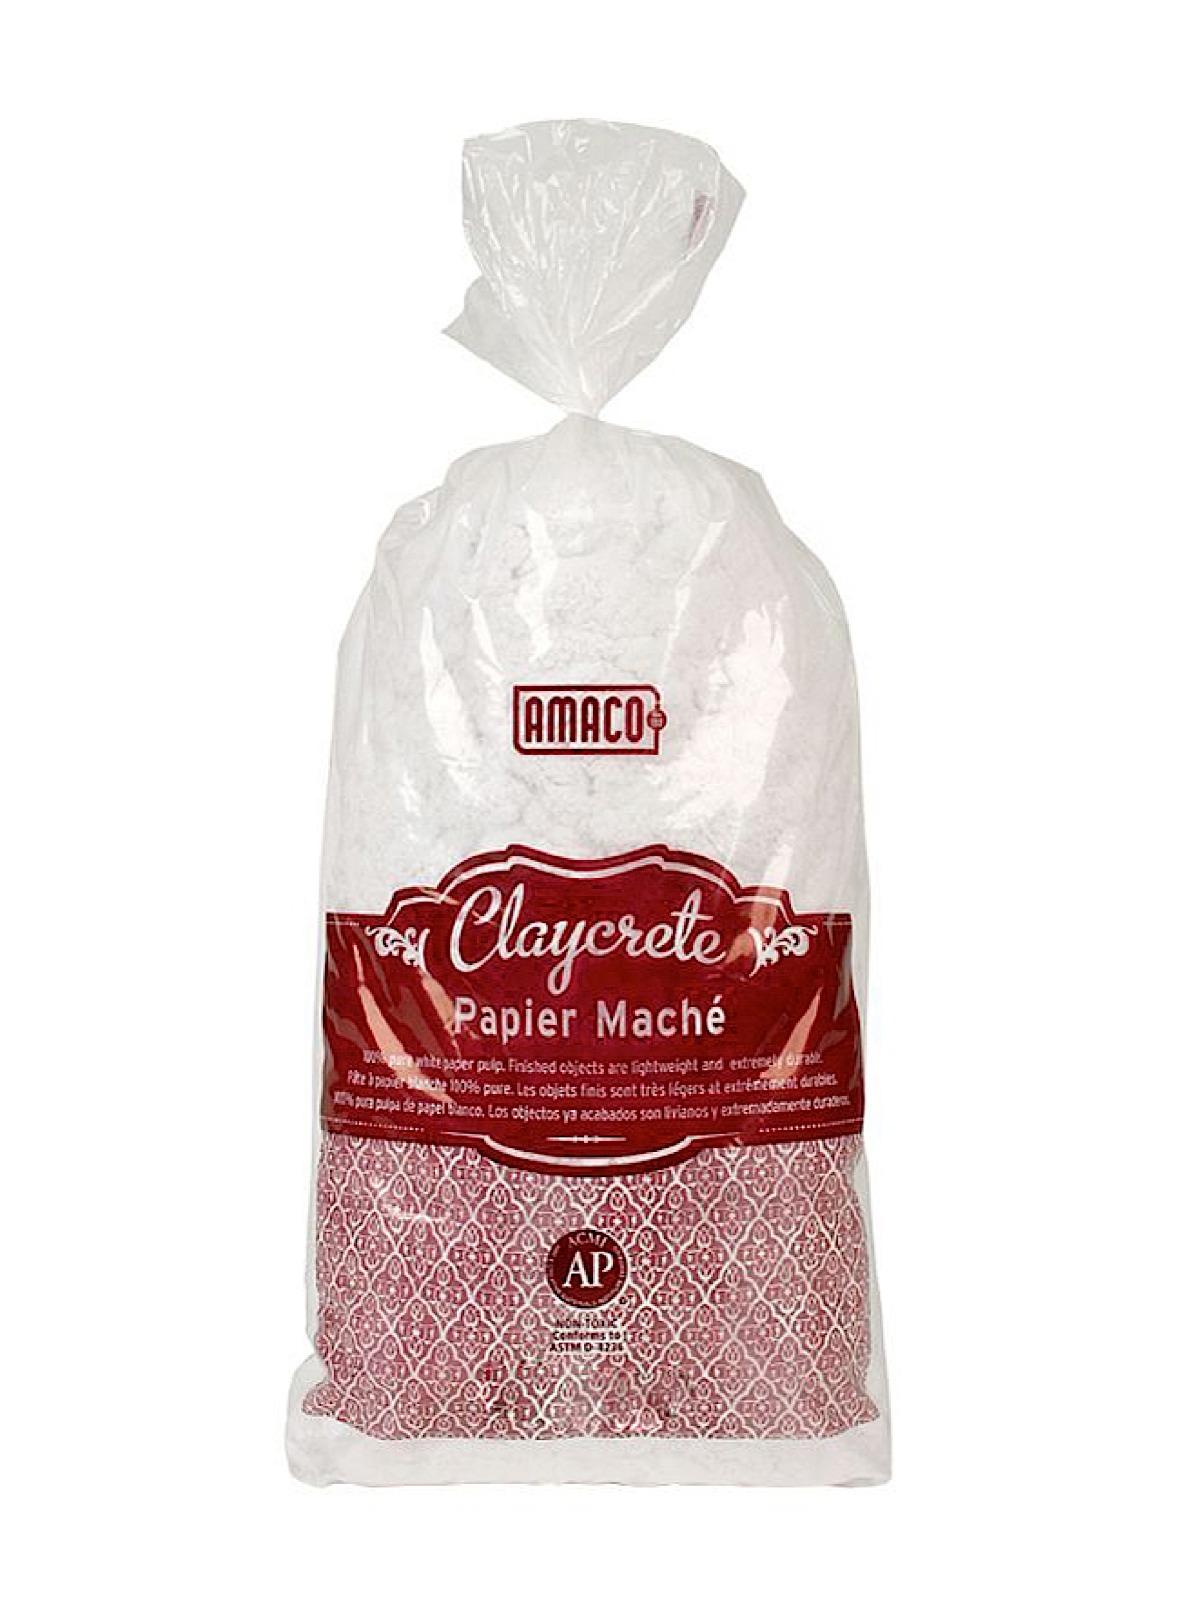 Claycrete Papier Mache